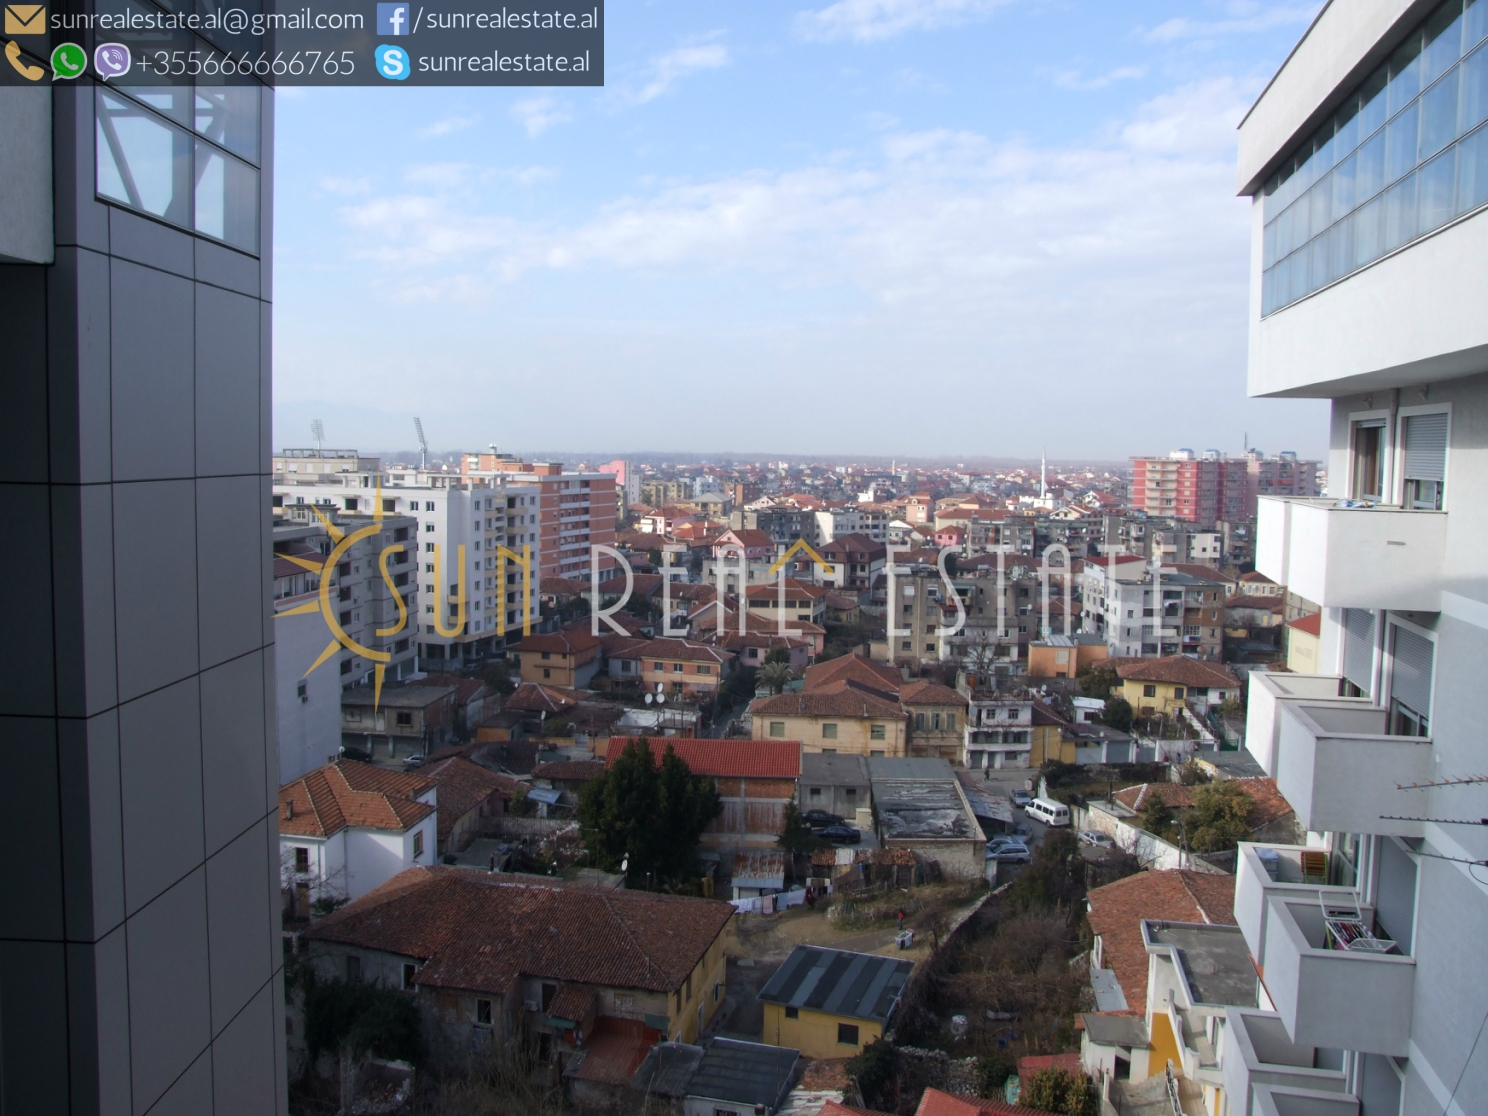 Apartament 2+1 në shitje në qendër të Shkodrës